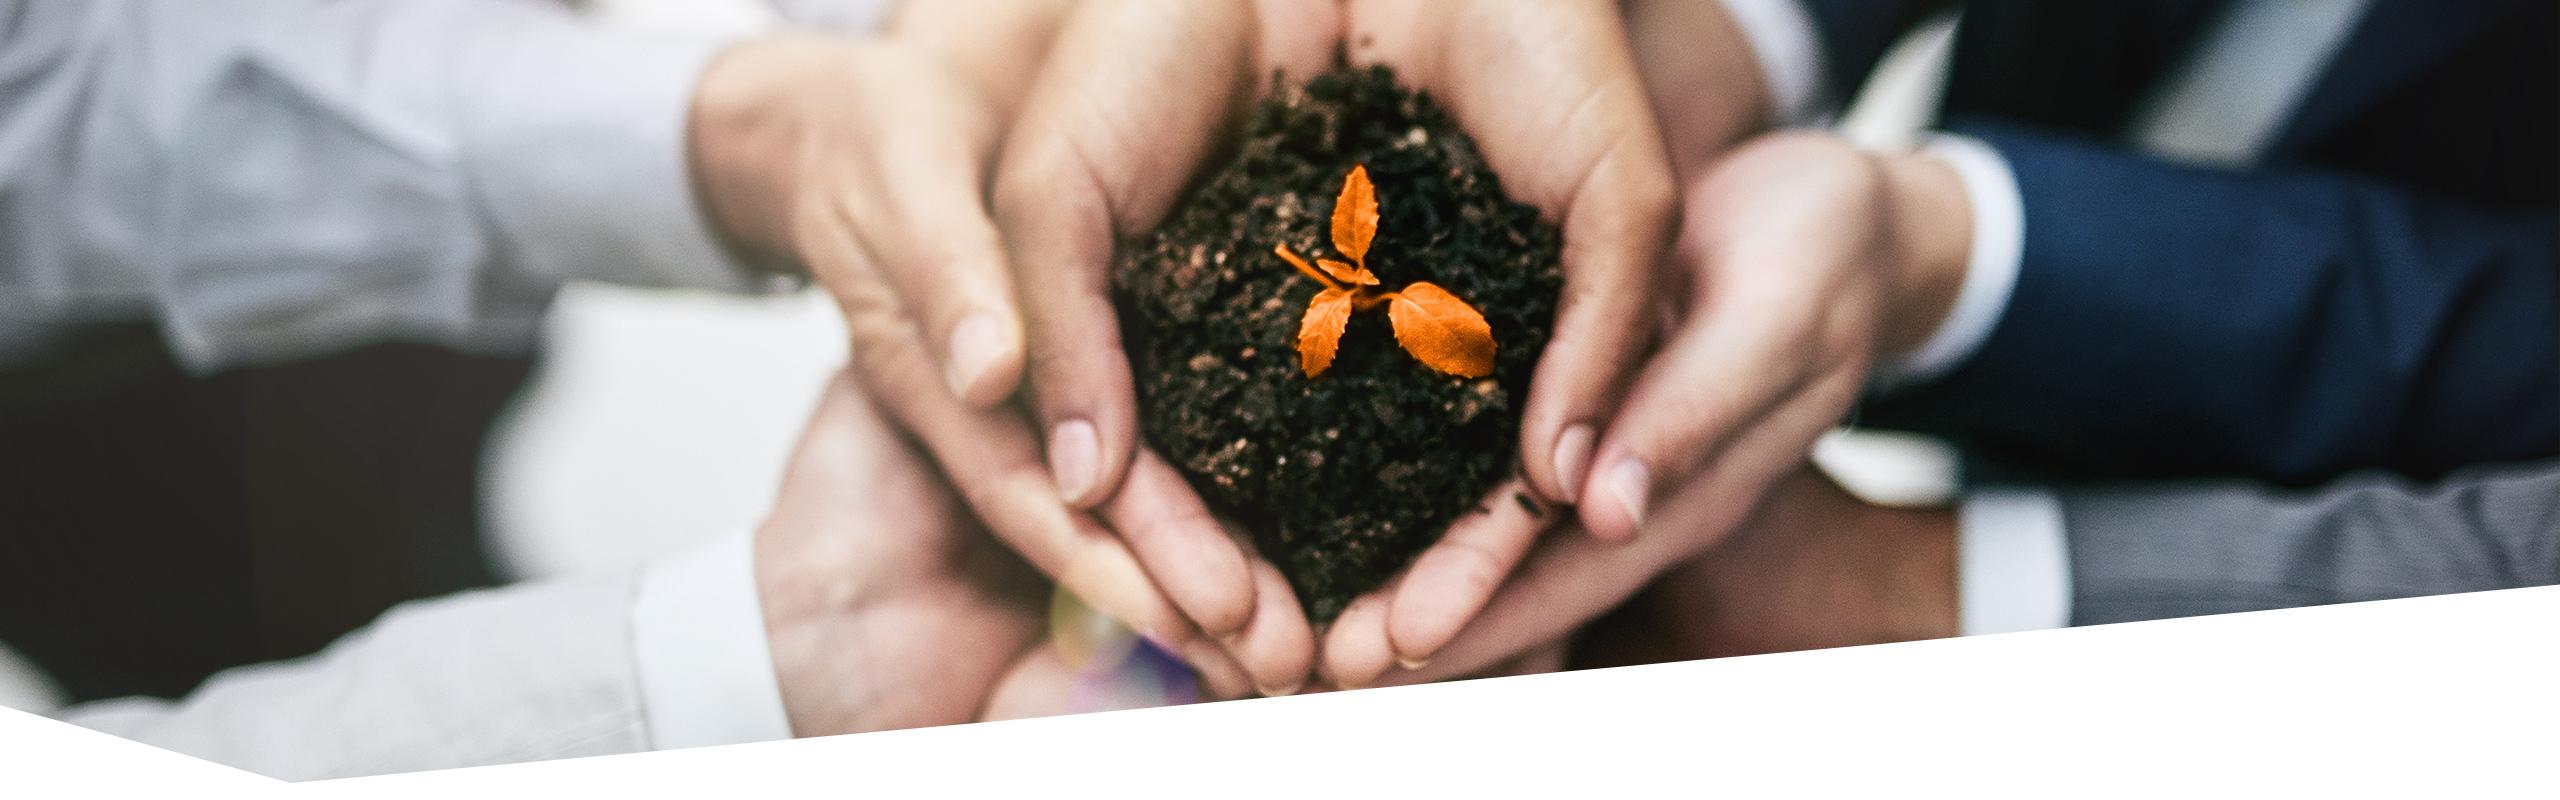 Zur Schale geformte Hände meherer Personen übereinander, in den obersten Händen Erde mit einer orangen keimenden Pflanze